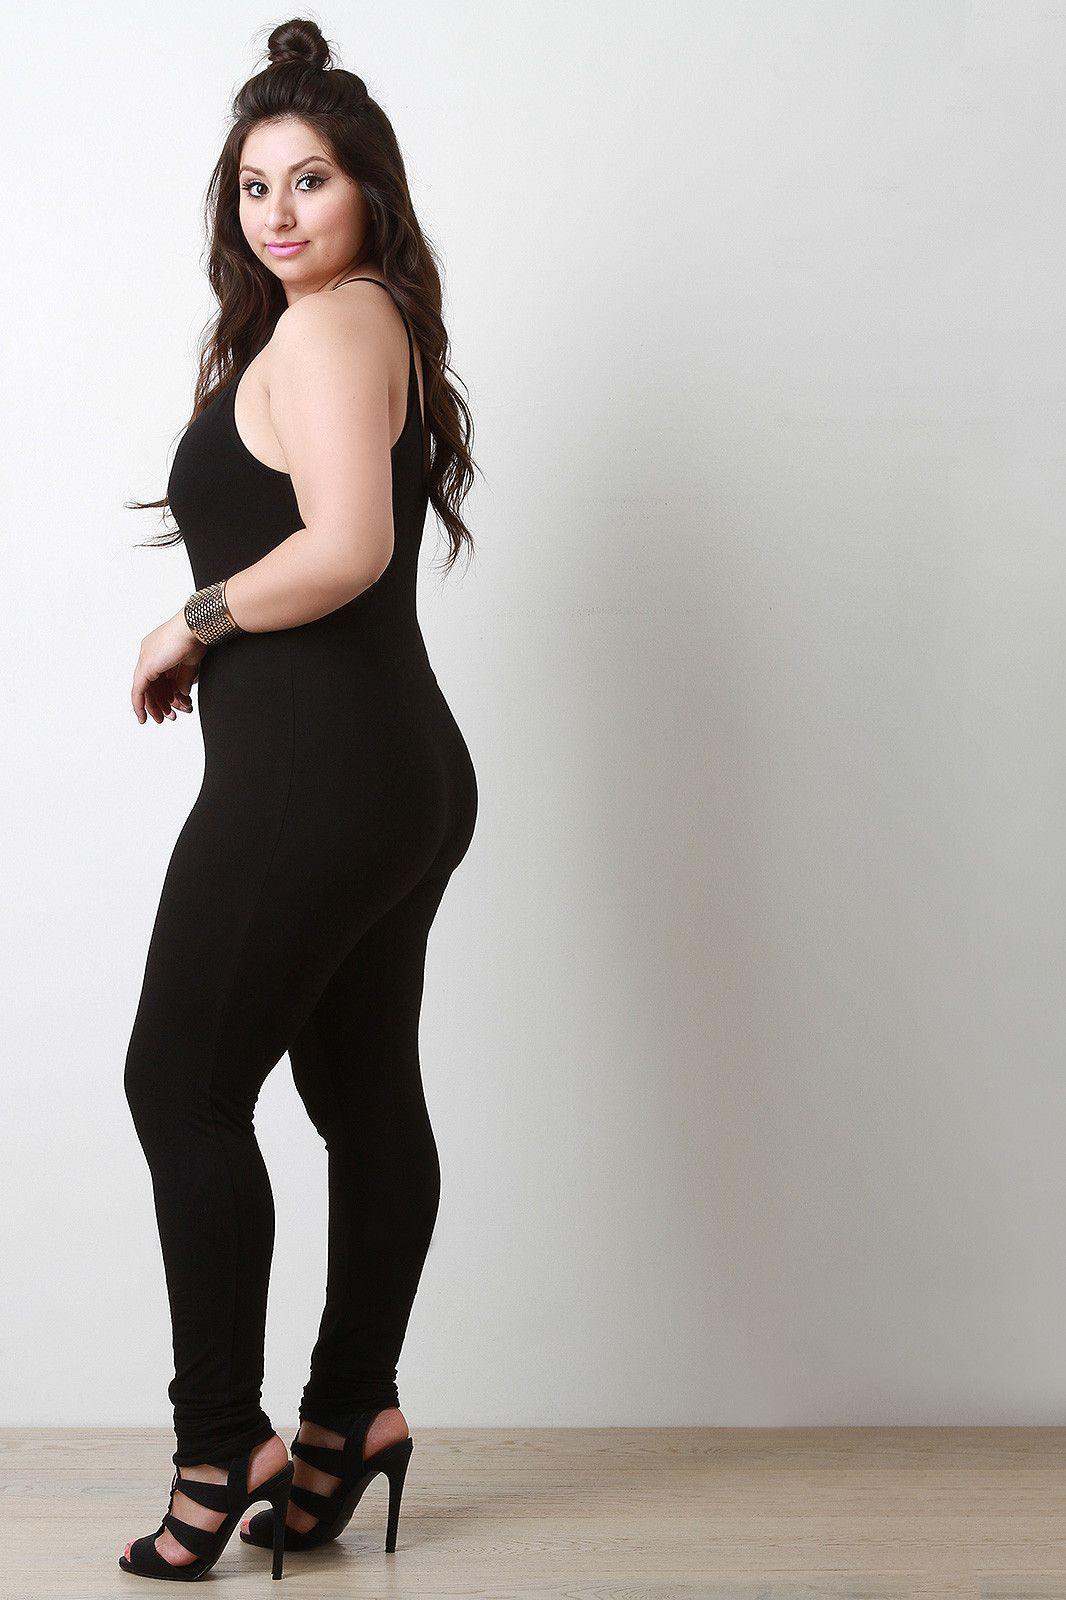 12ffa3cd31e Buy Jersey Knit Spaghetti Strap Body Jumpsuit at Marks Urban Wear ...